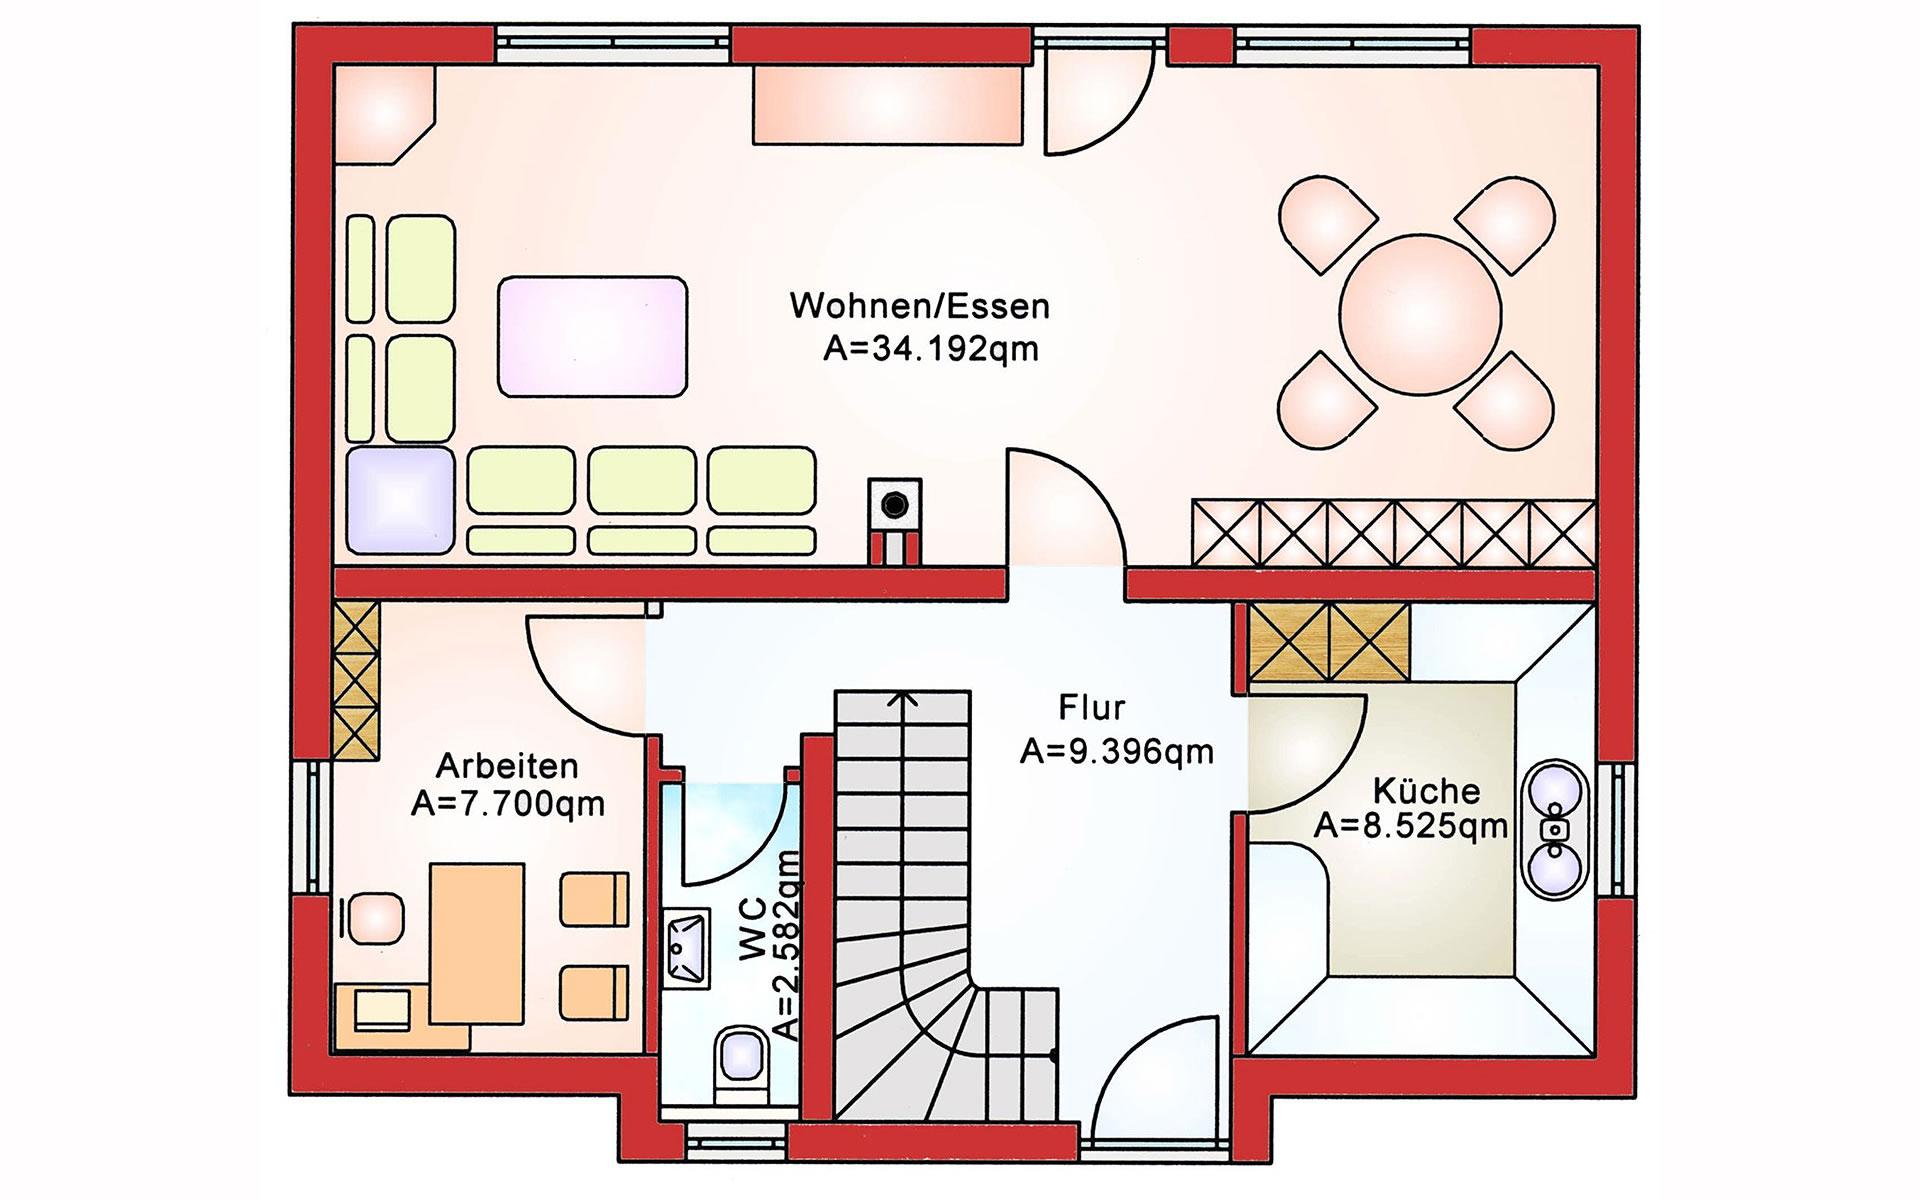 Erdgeschoss Einfamilienhaus BS 107 von B&S Selbstbausysteme GmbH & Co. KG